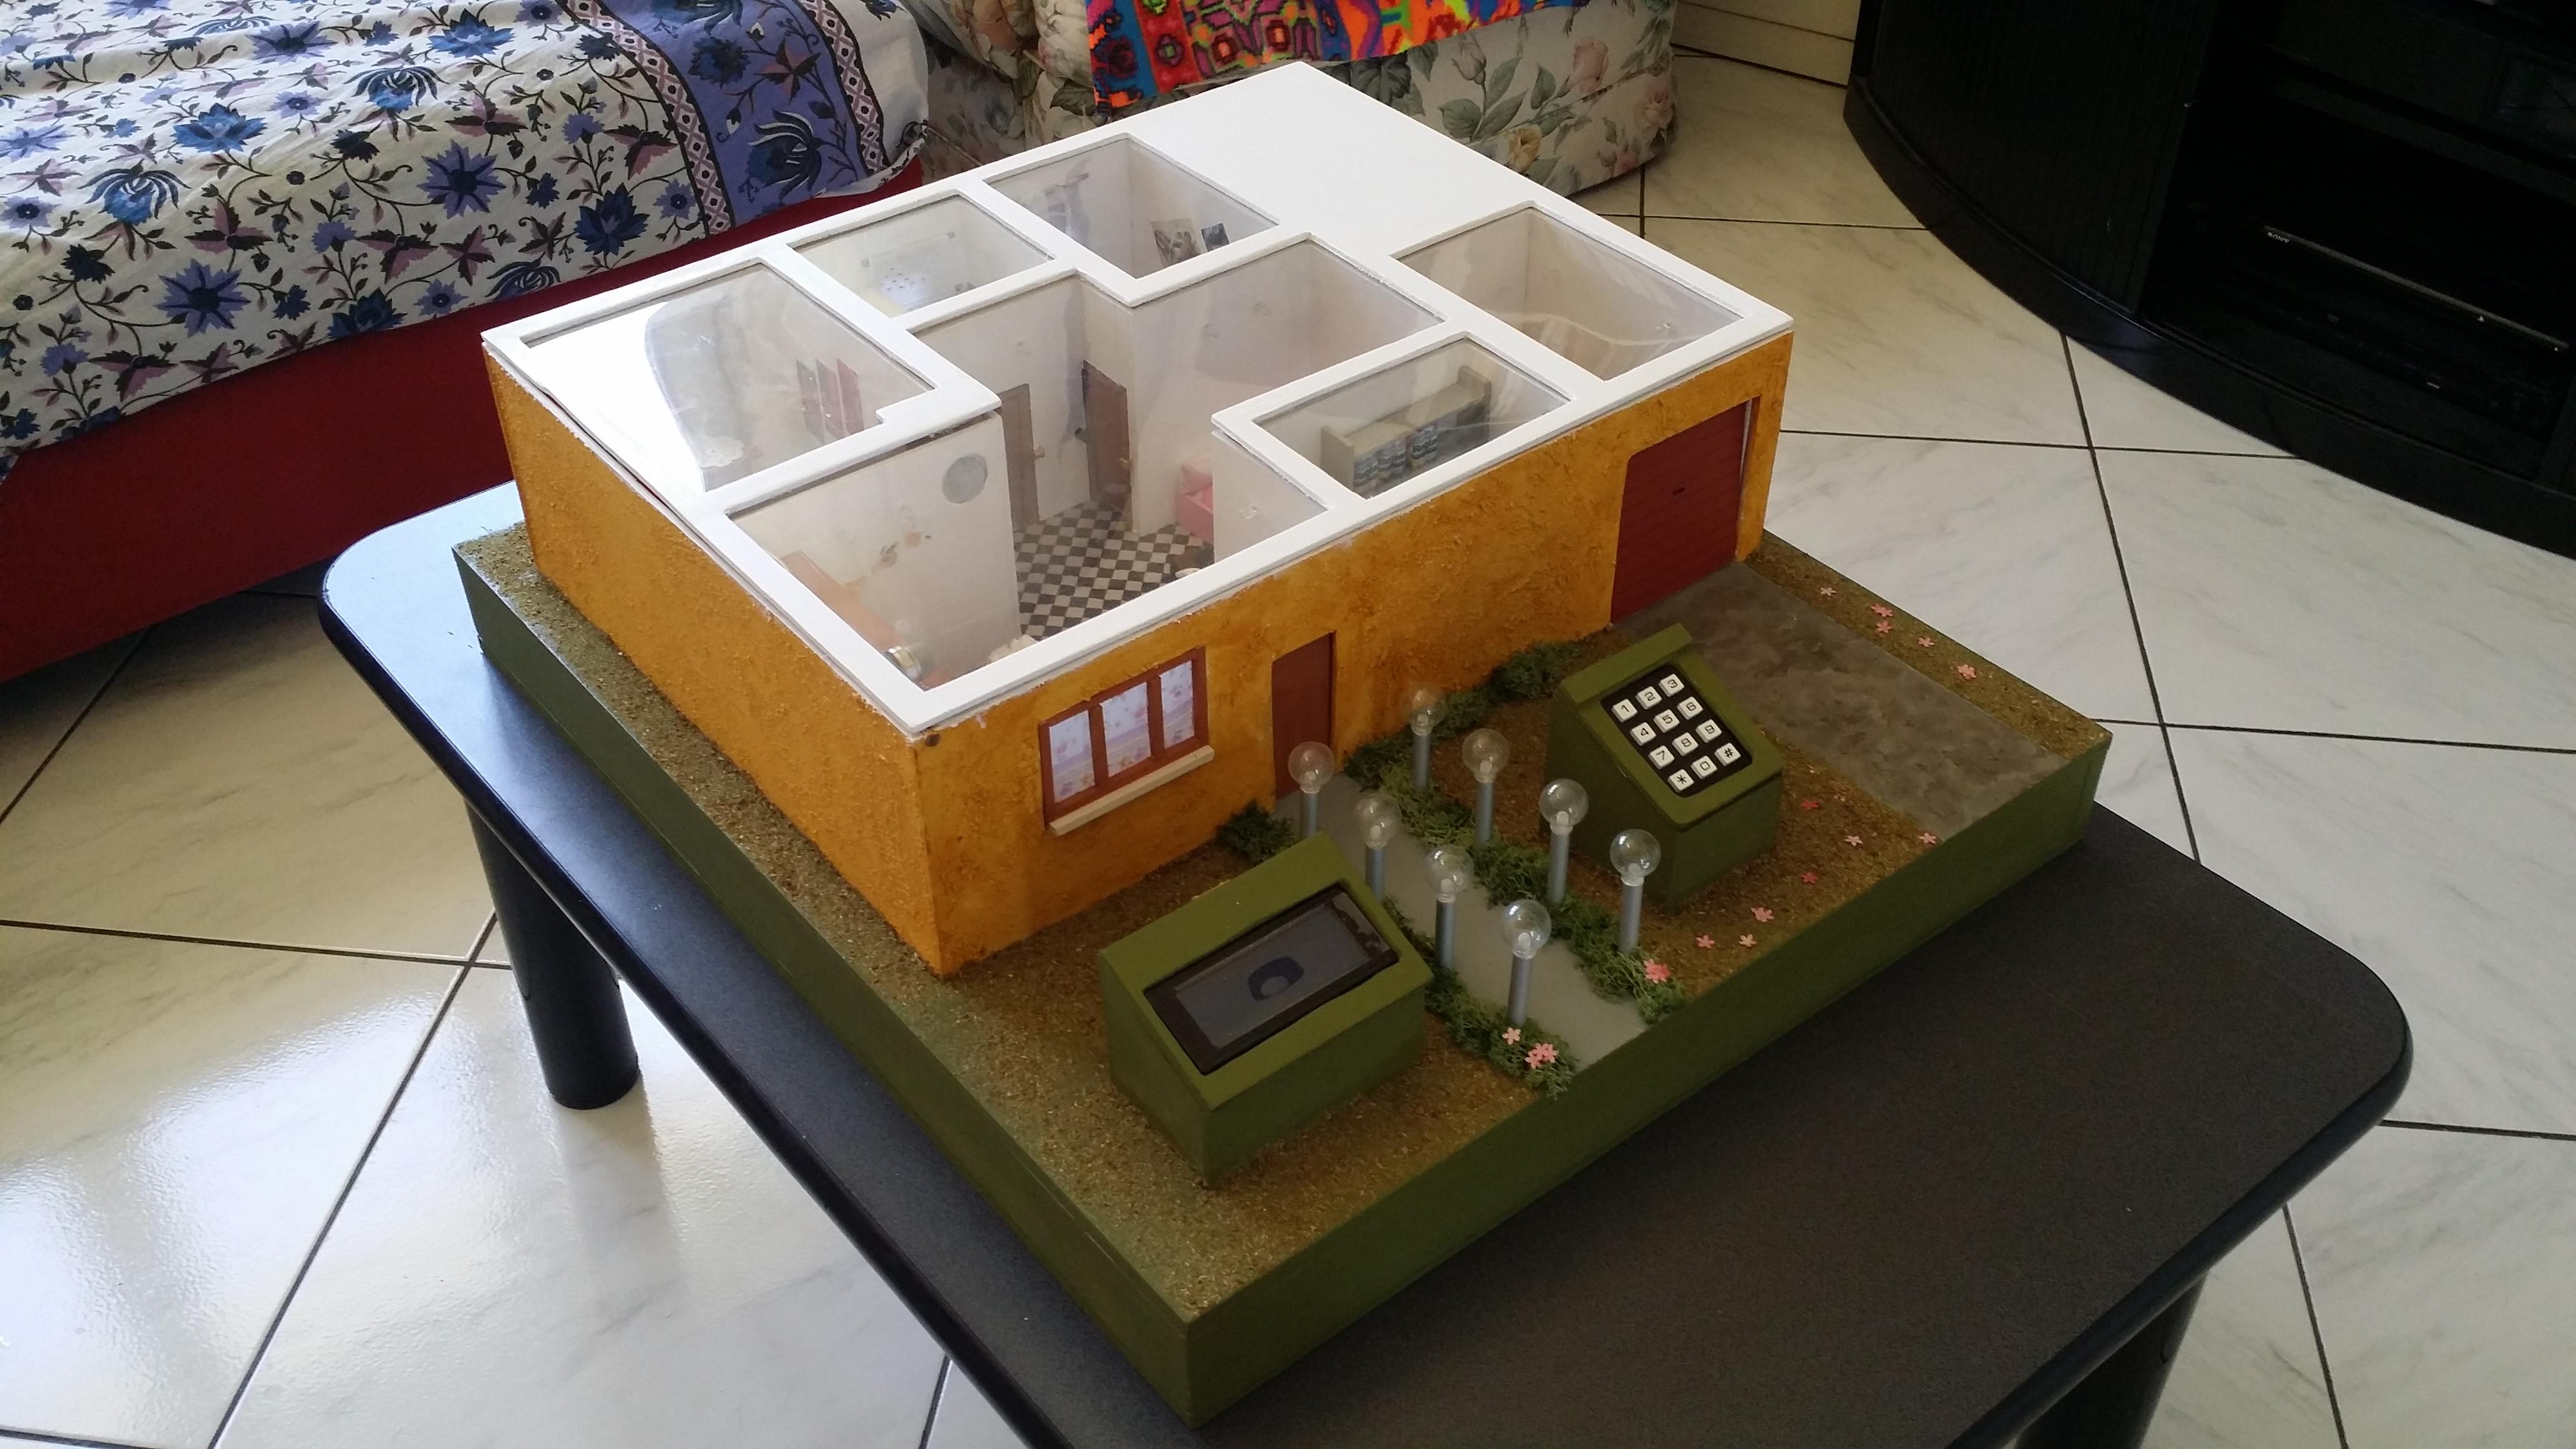 Schema Elettrico Domotica : Casa domotica arduino u michelangelo mezzelani